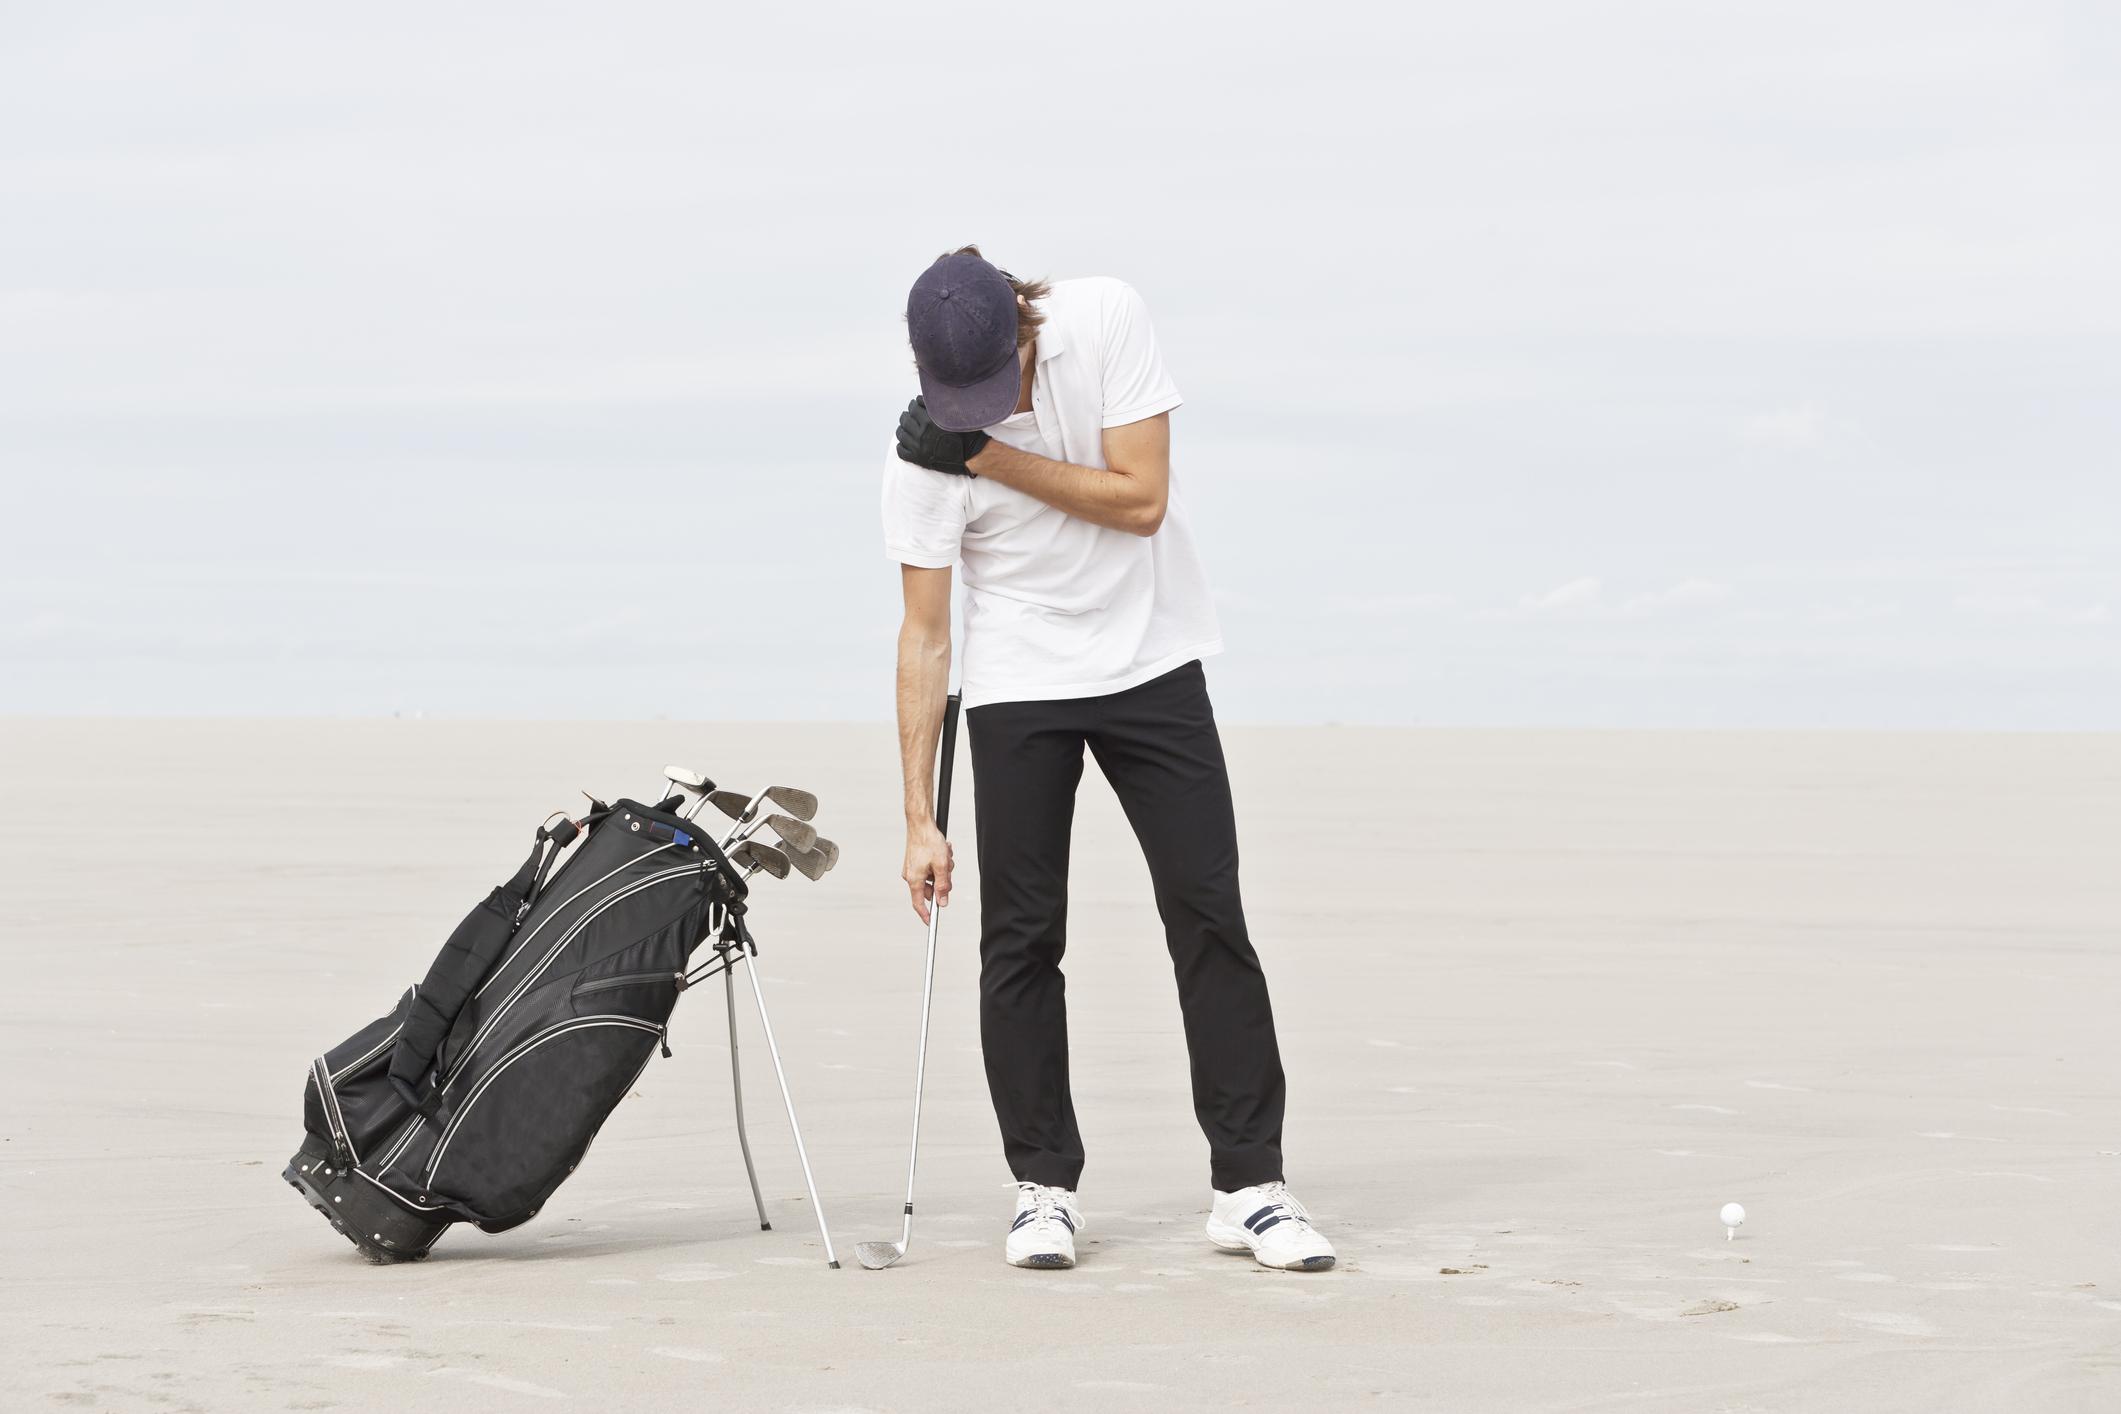 Golf - Sports Injuries